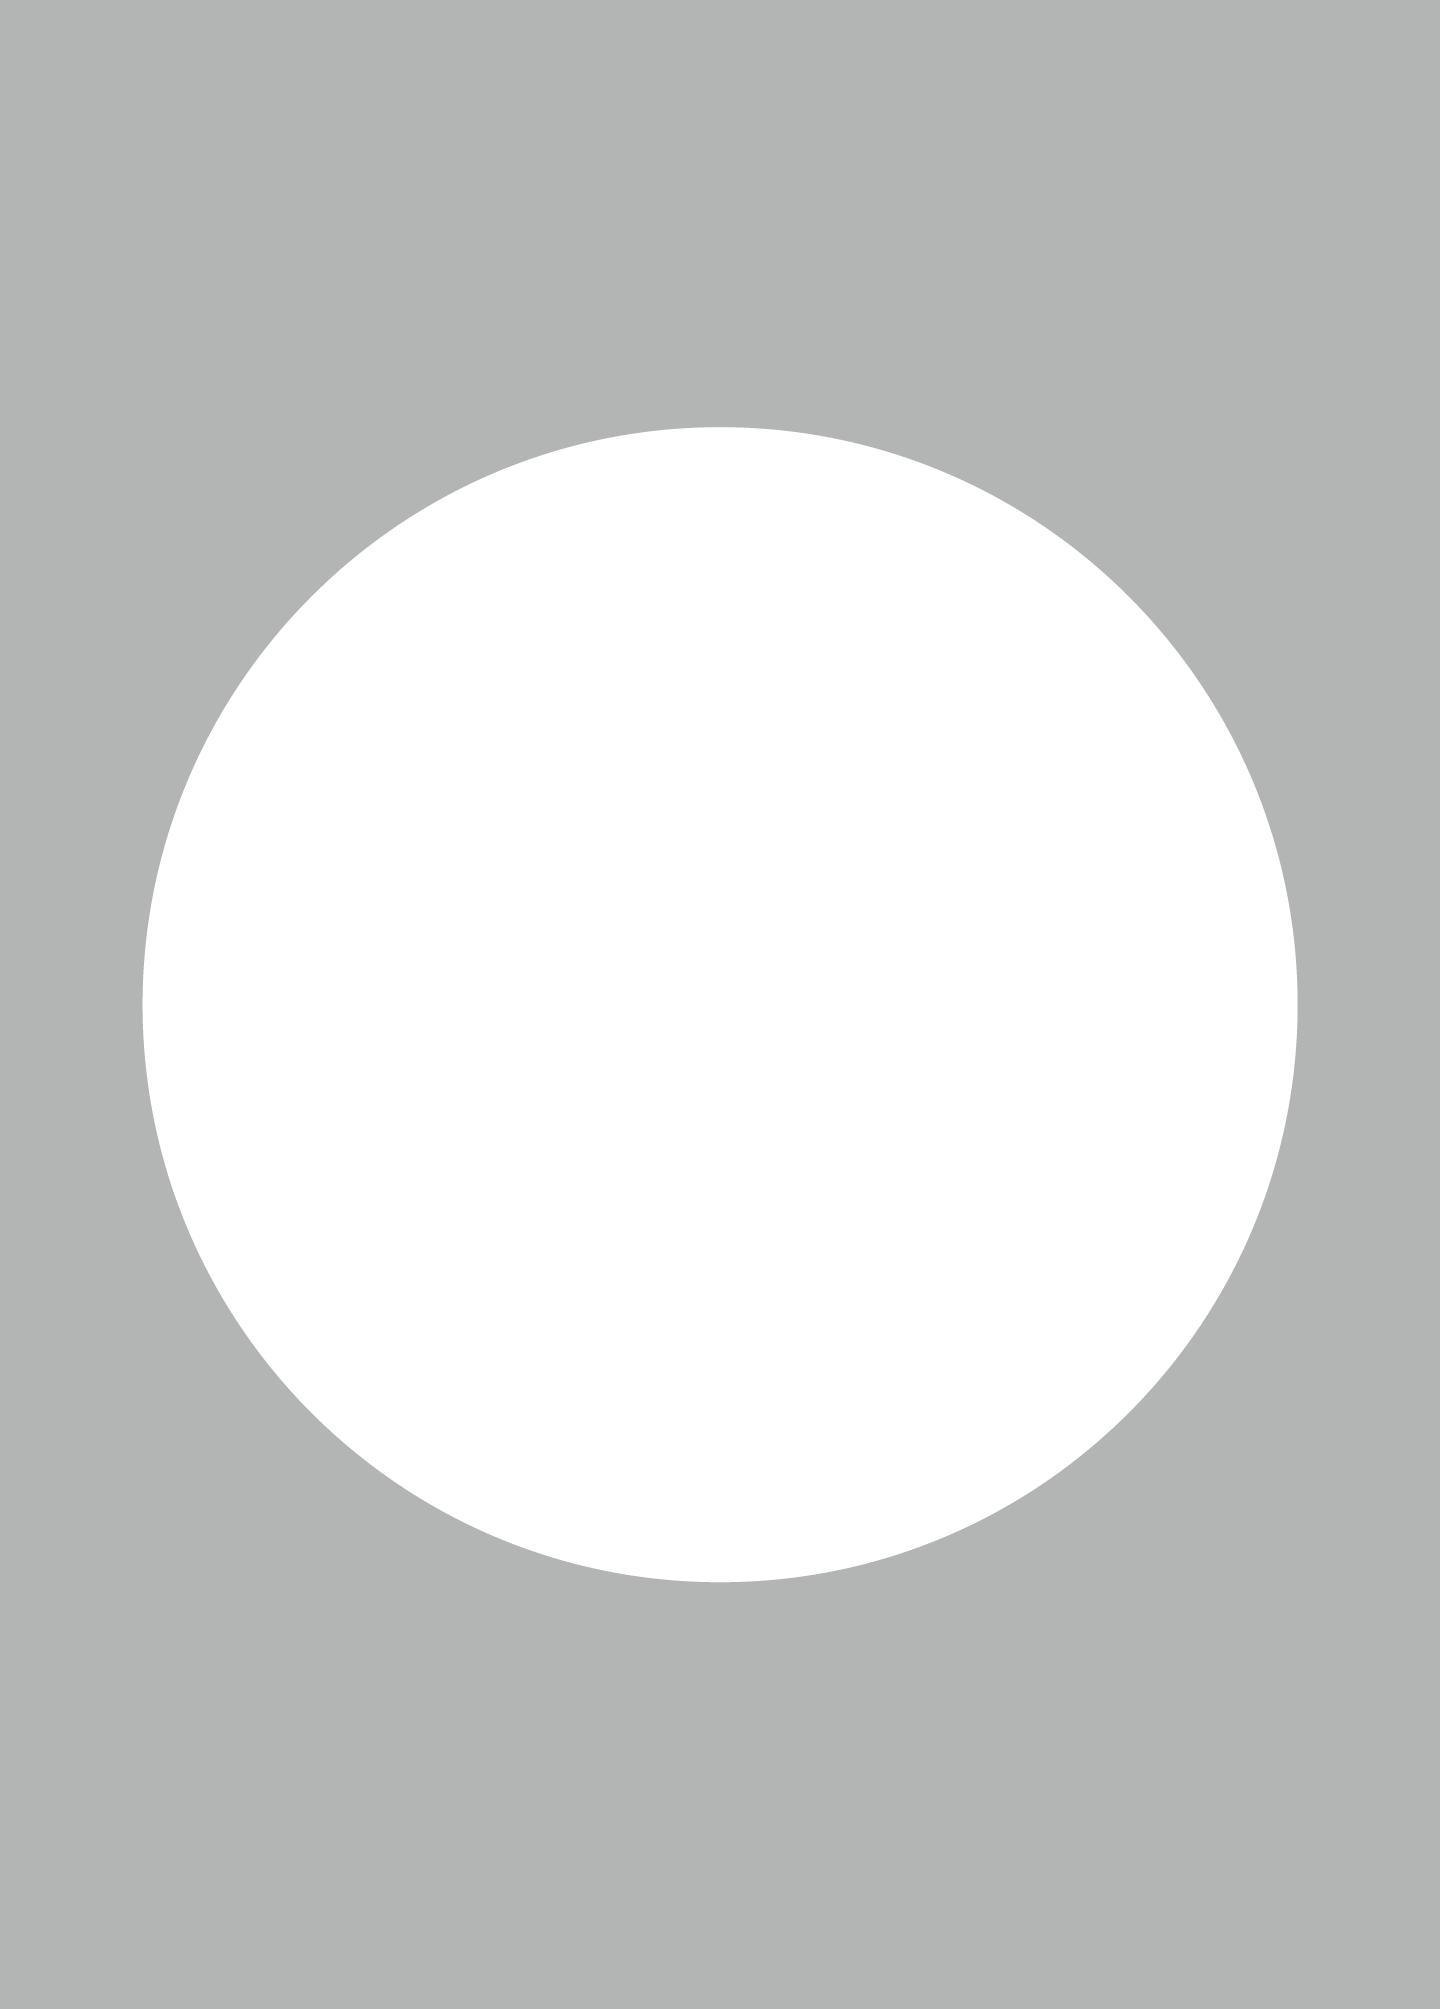 web_imedia-01